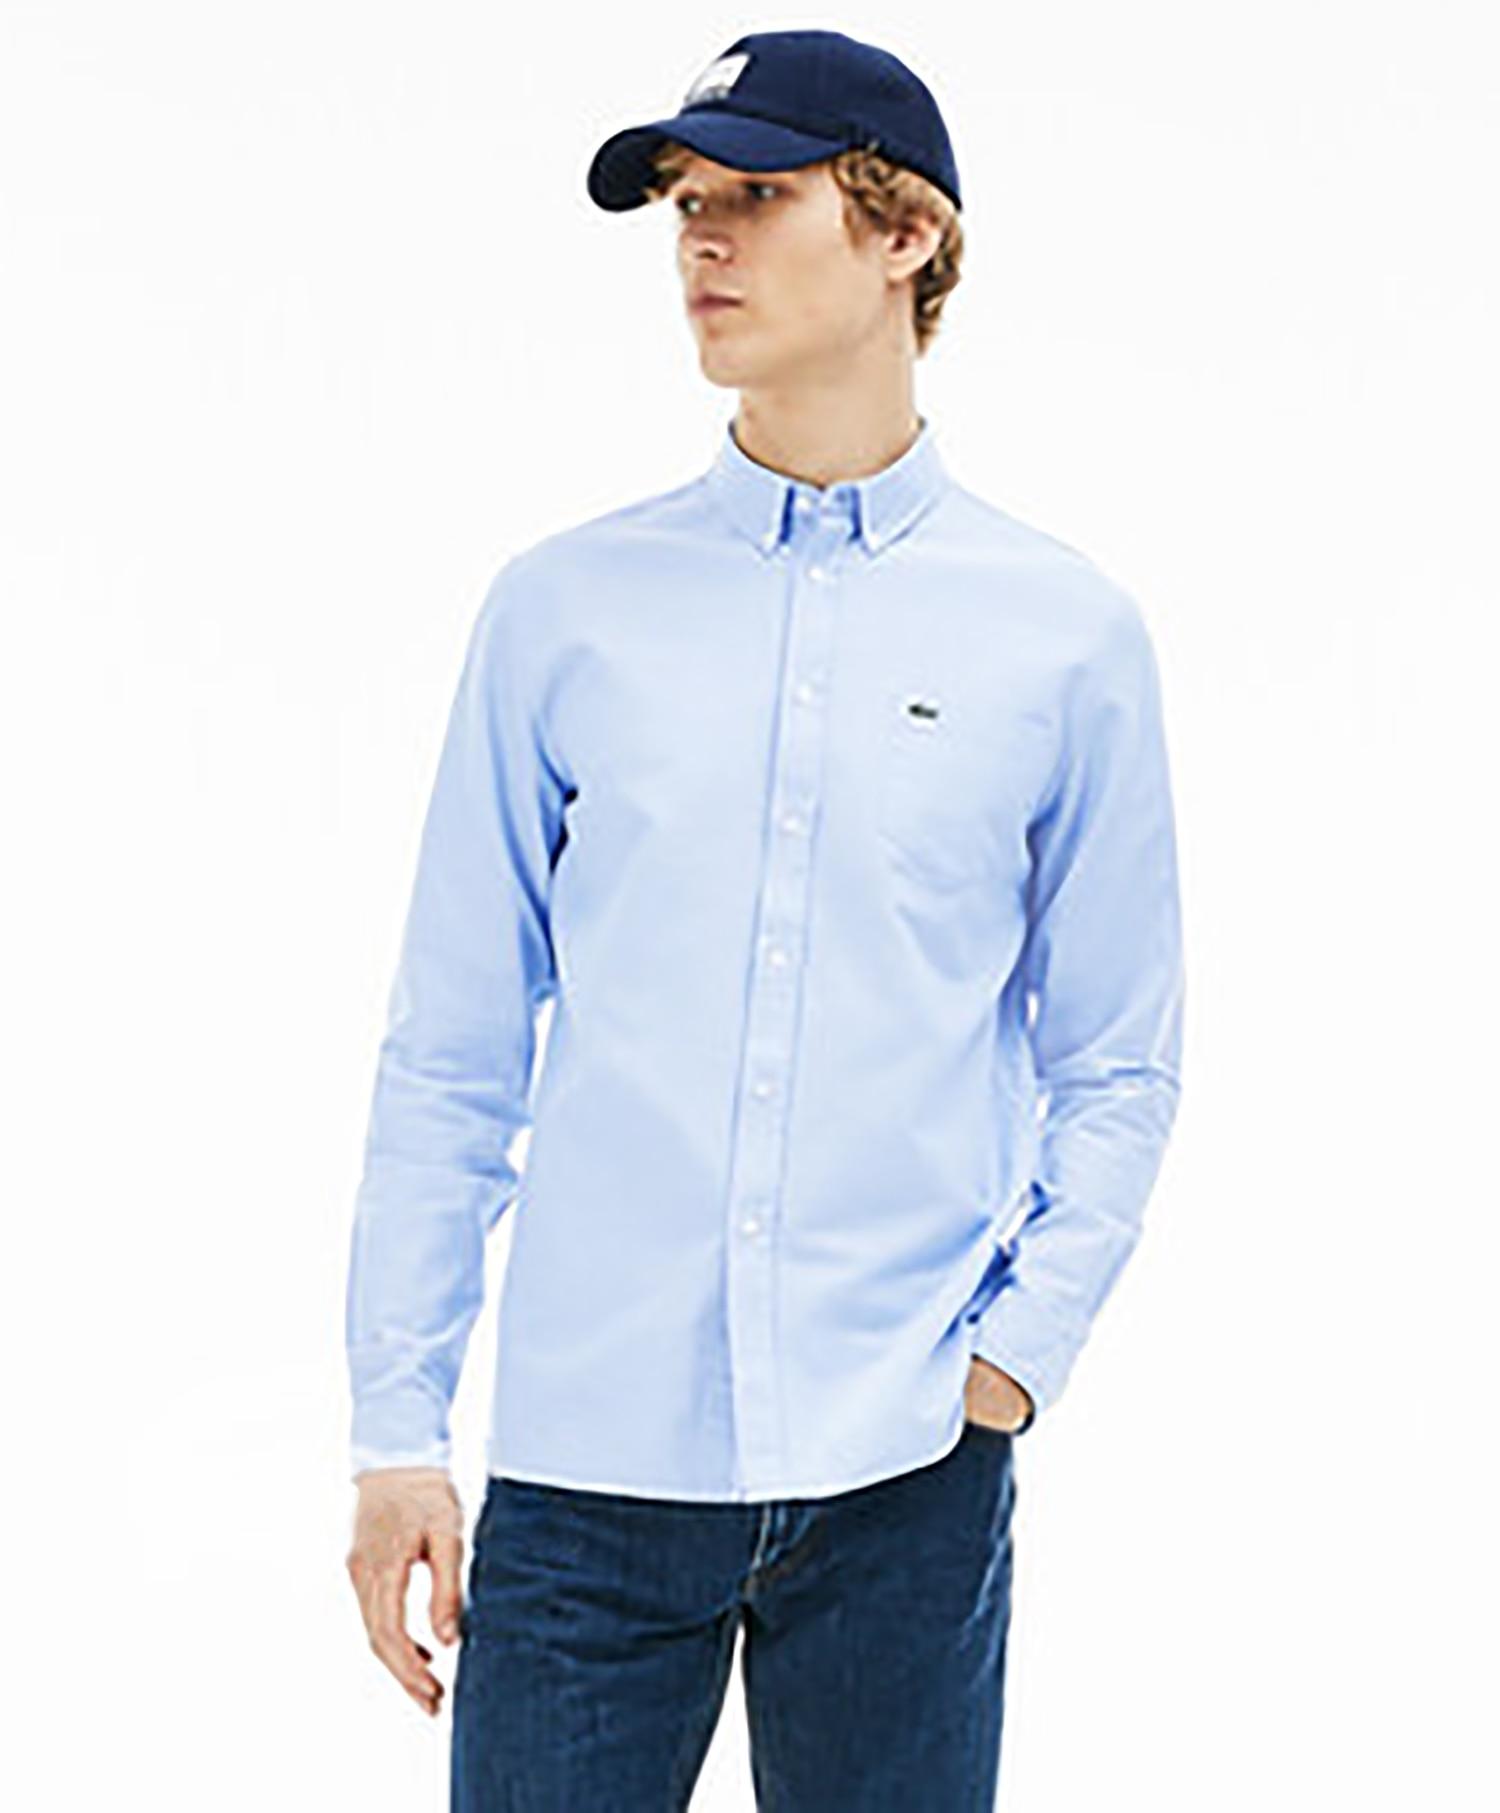 Lacoste LS Shirt